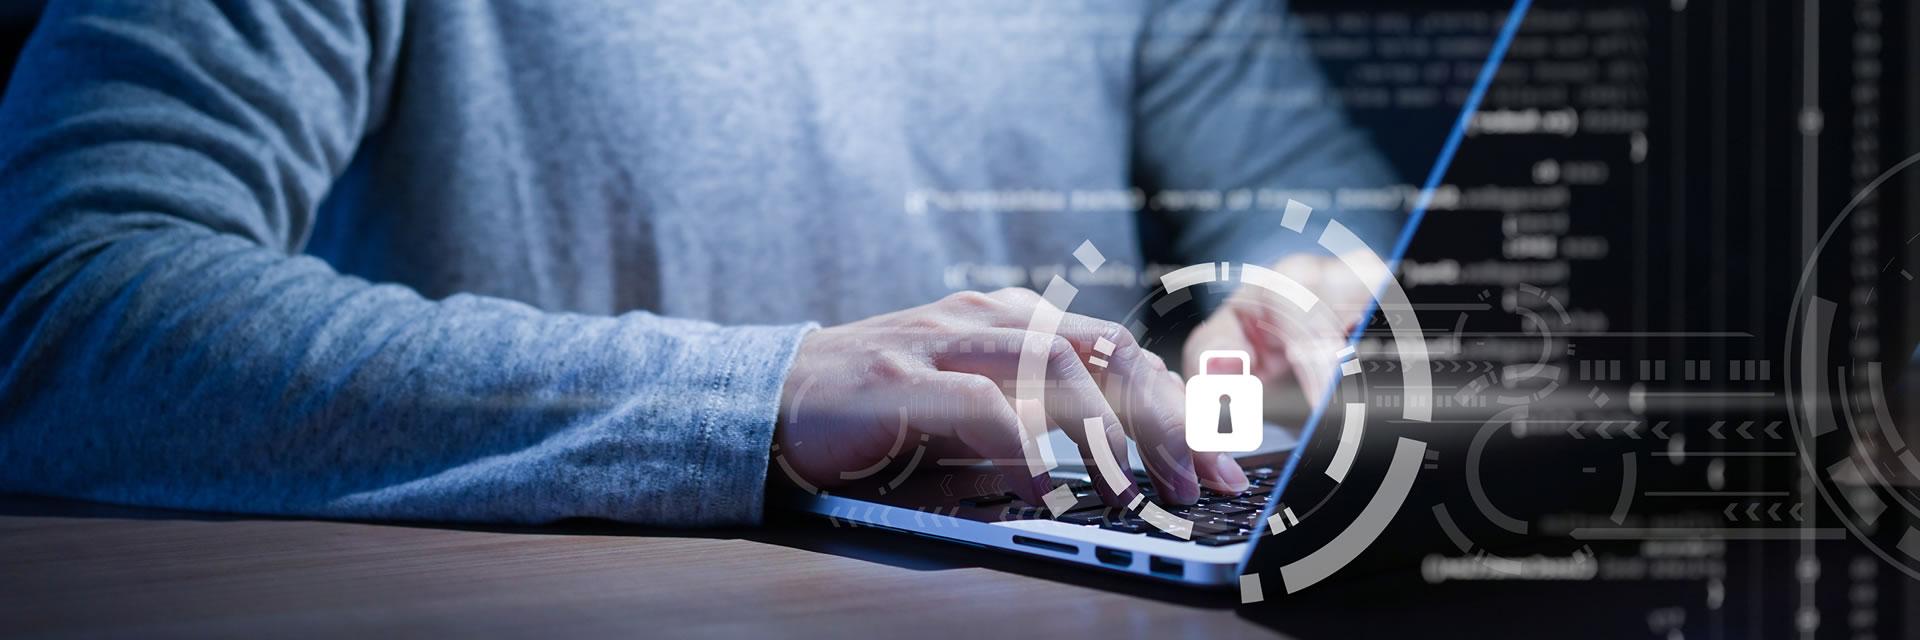 Datenschutzerklärung nach DSGVO